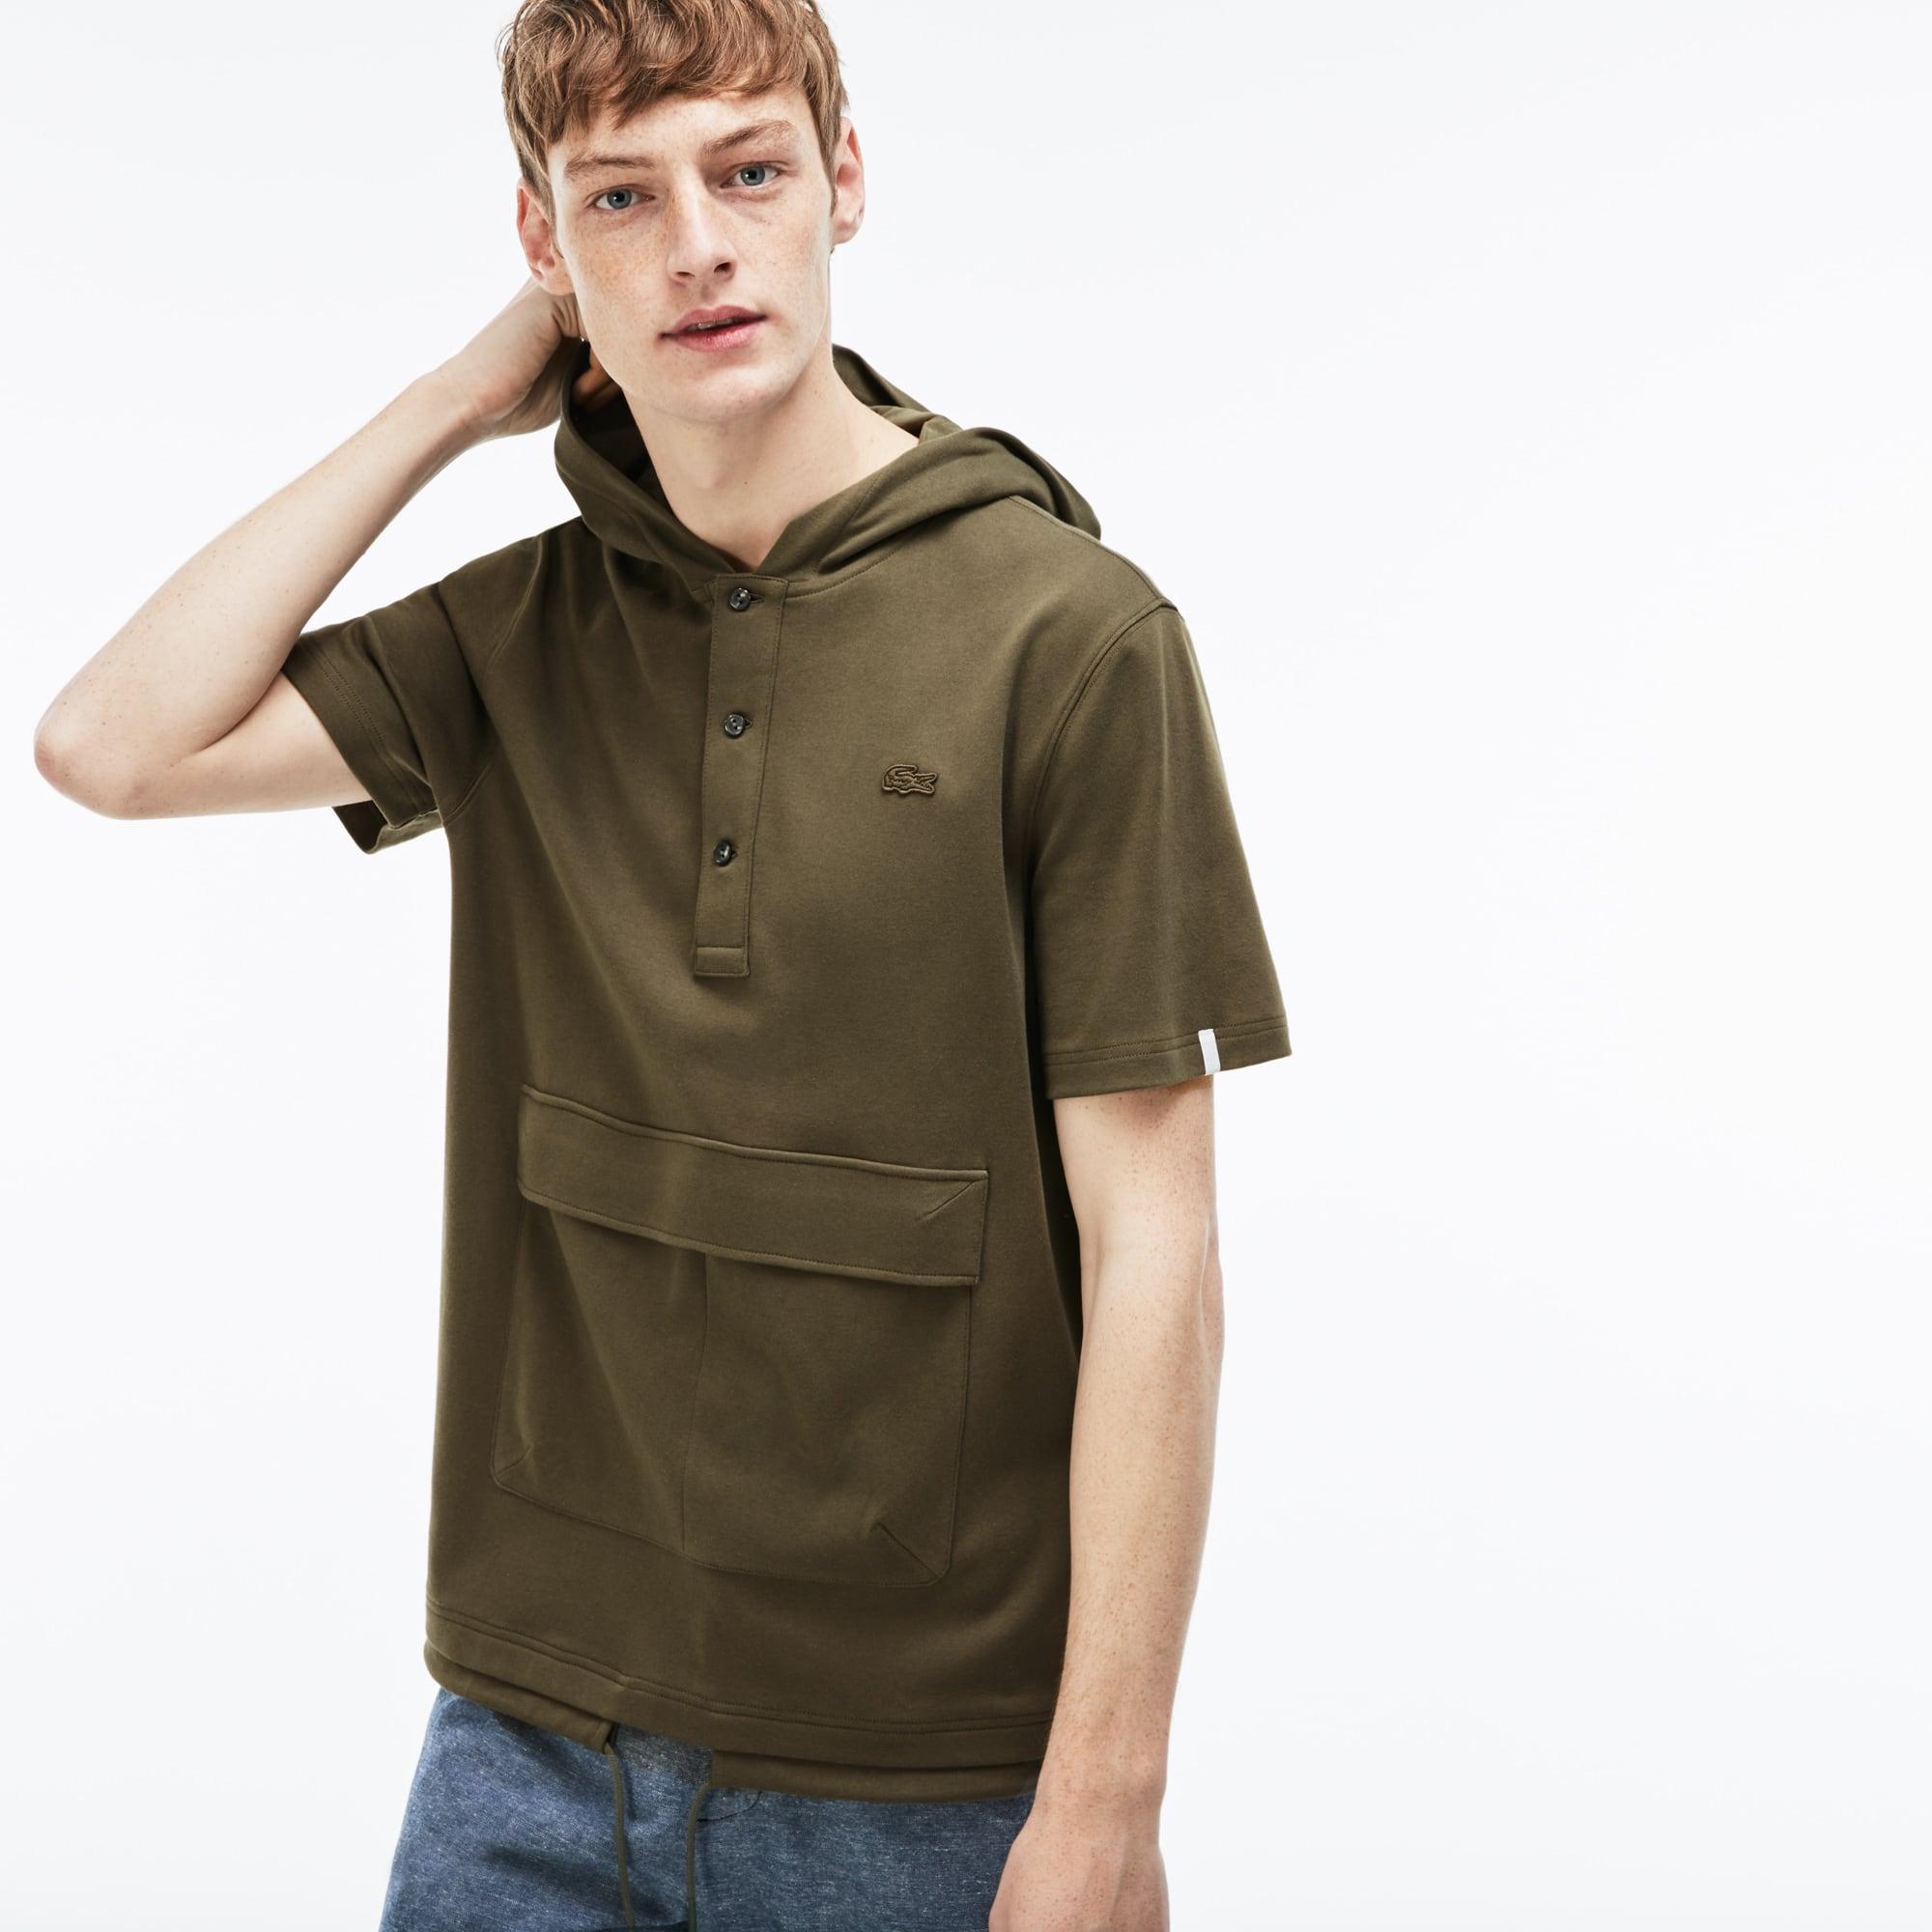 Herren LACOSTE LIVE Interlock-Sweatshirt mit Kapuze